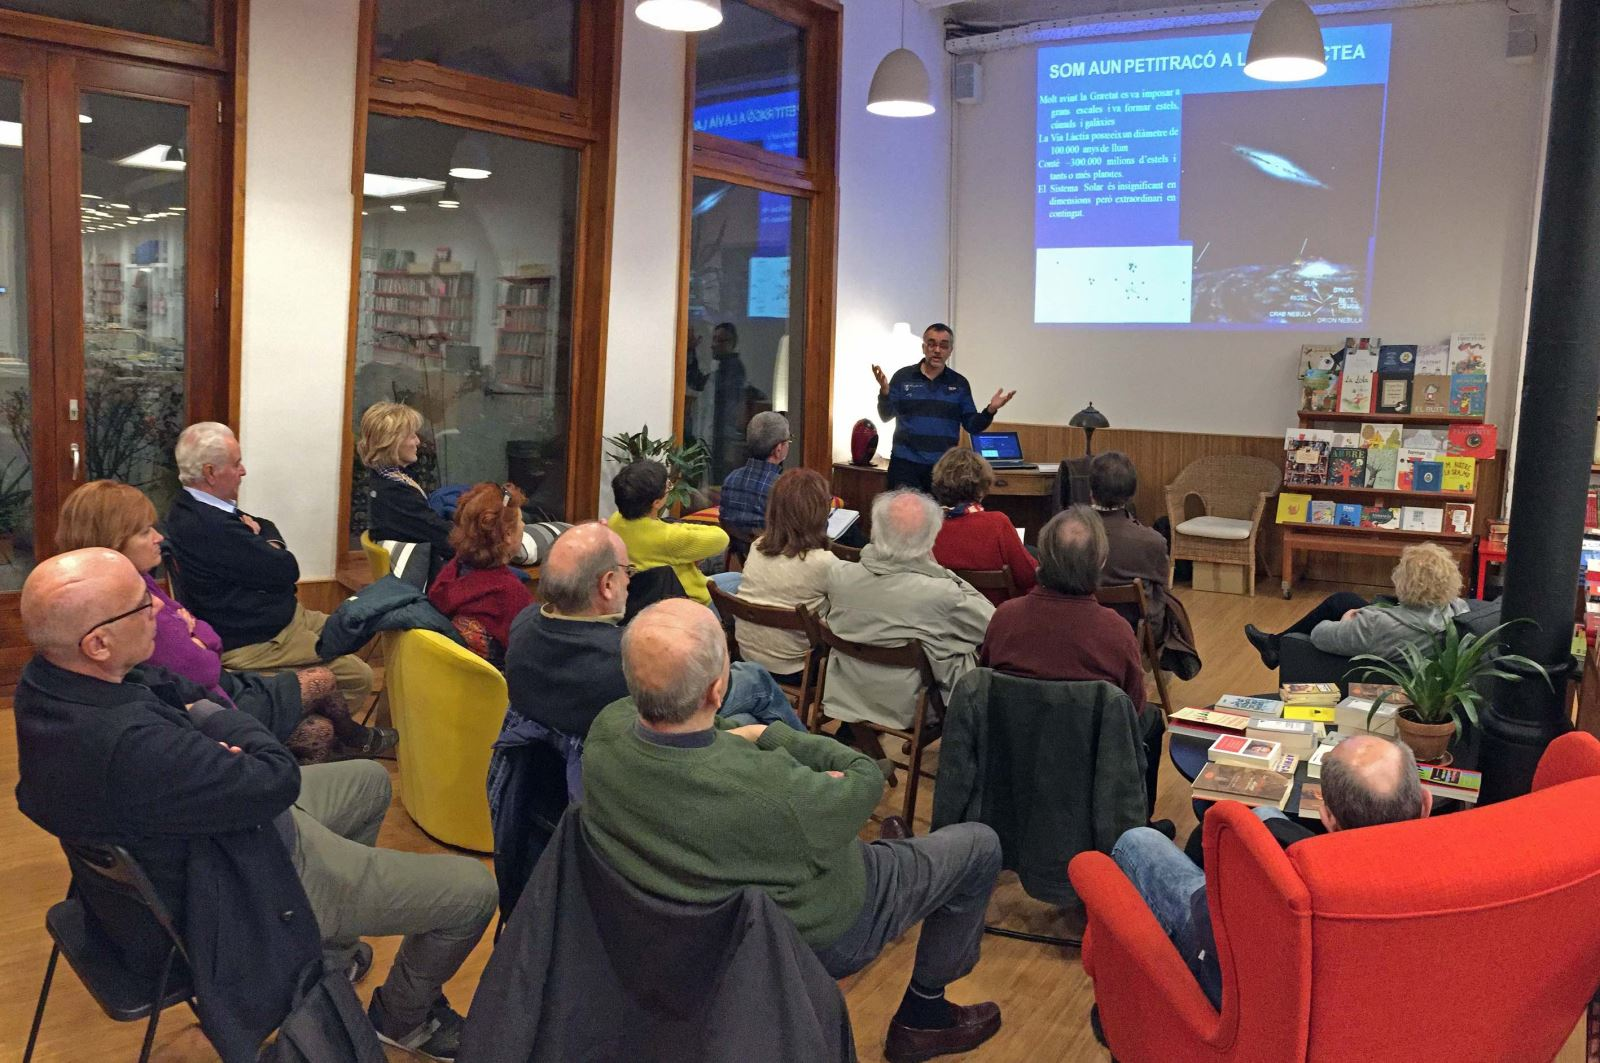 """Conferencia """"¿Es la vida patrimonio único de la Tierra?"""", basada en el libro """"Las raíces cósmicas de la vida"""", del científico Josep M. Trigo / UAB"""